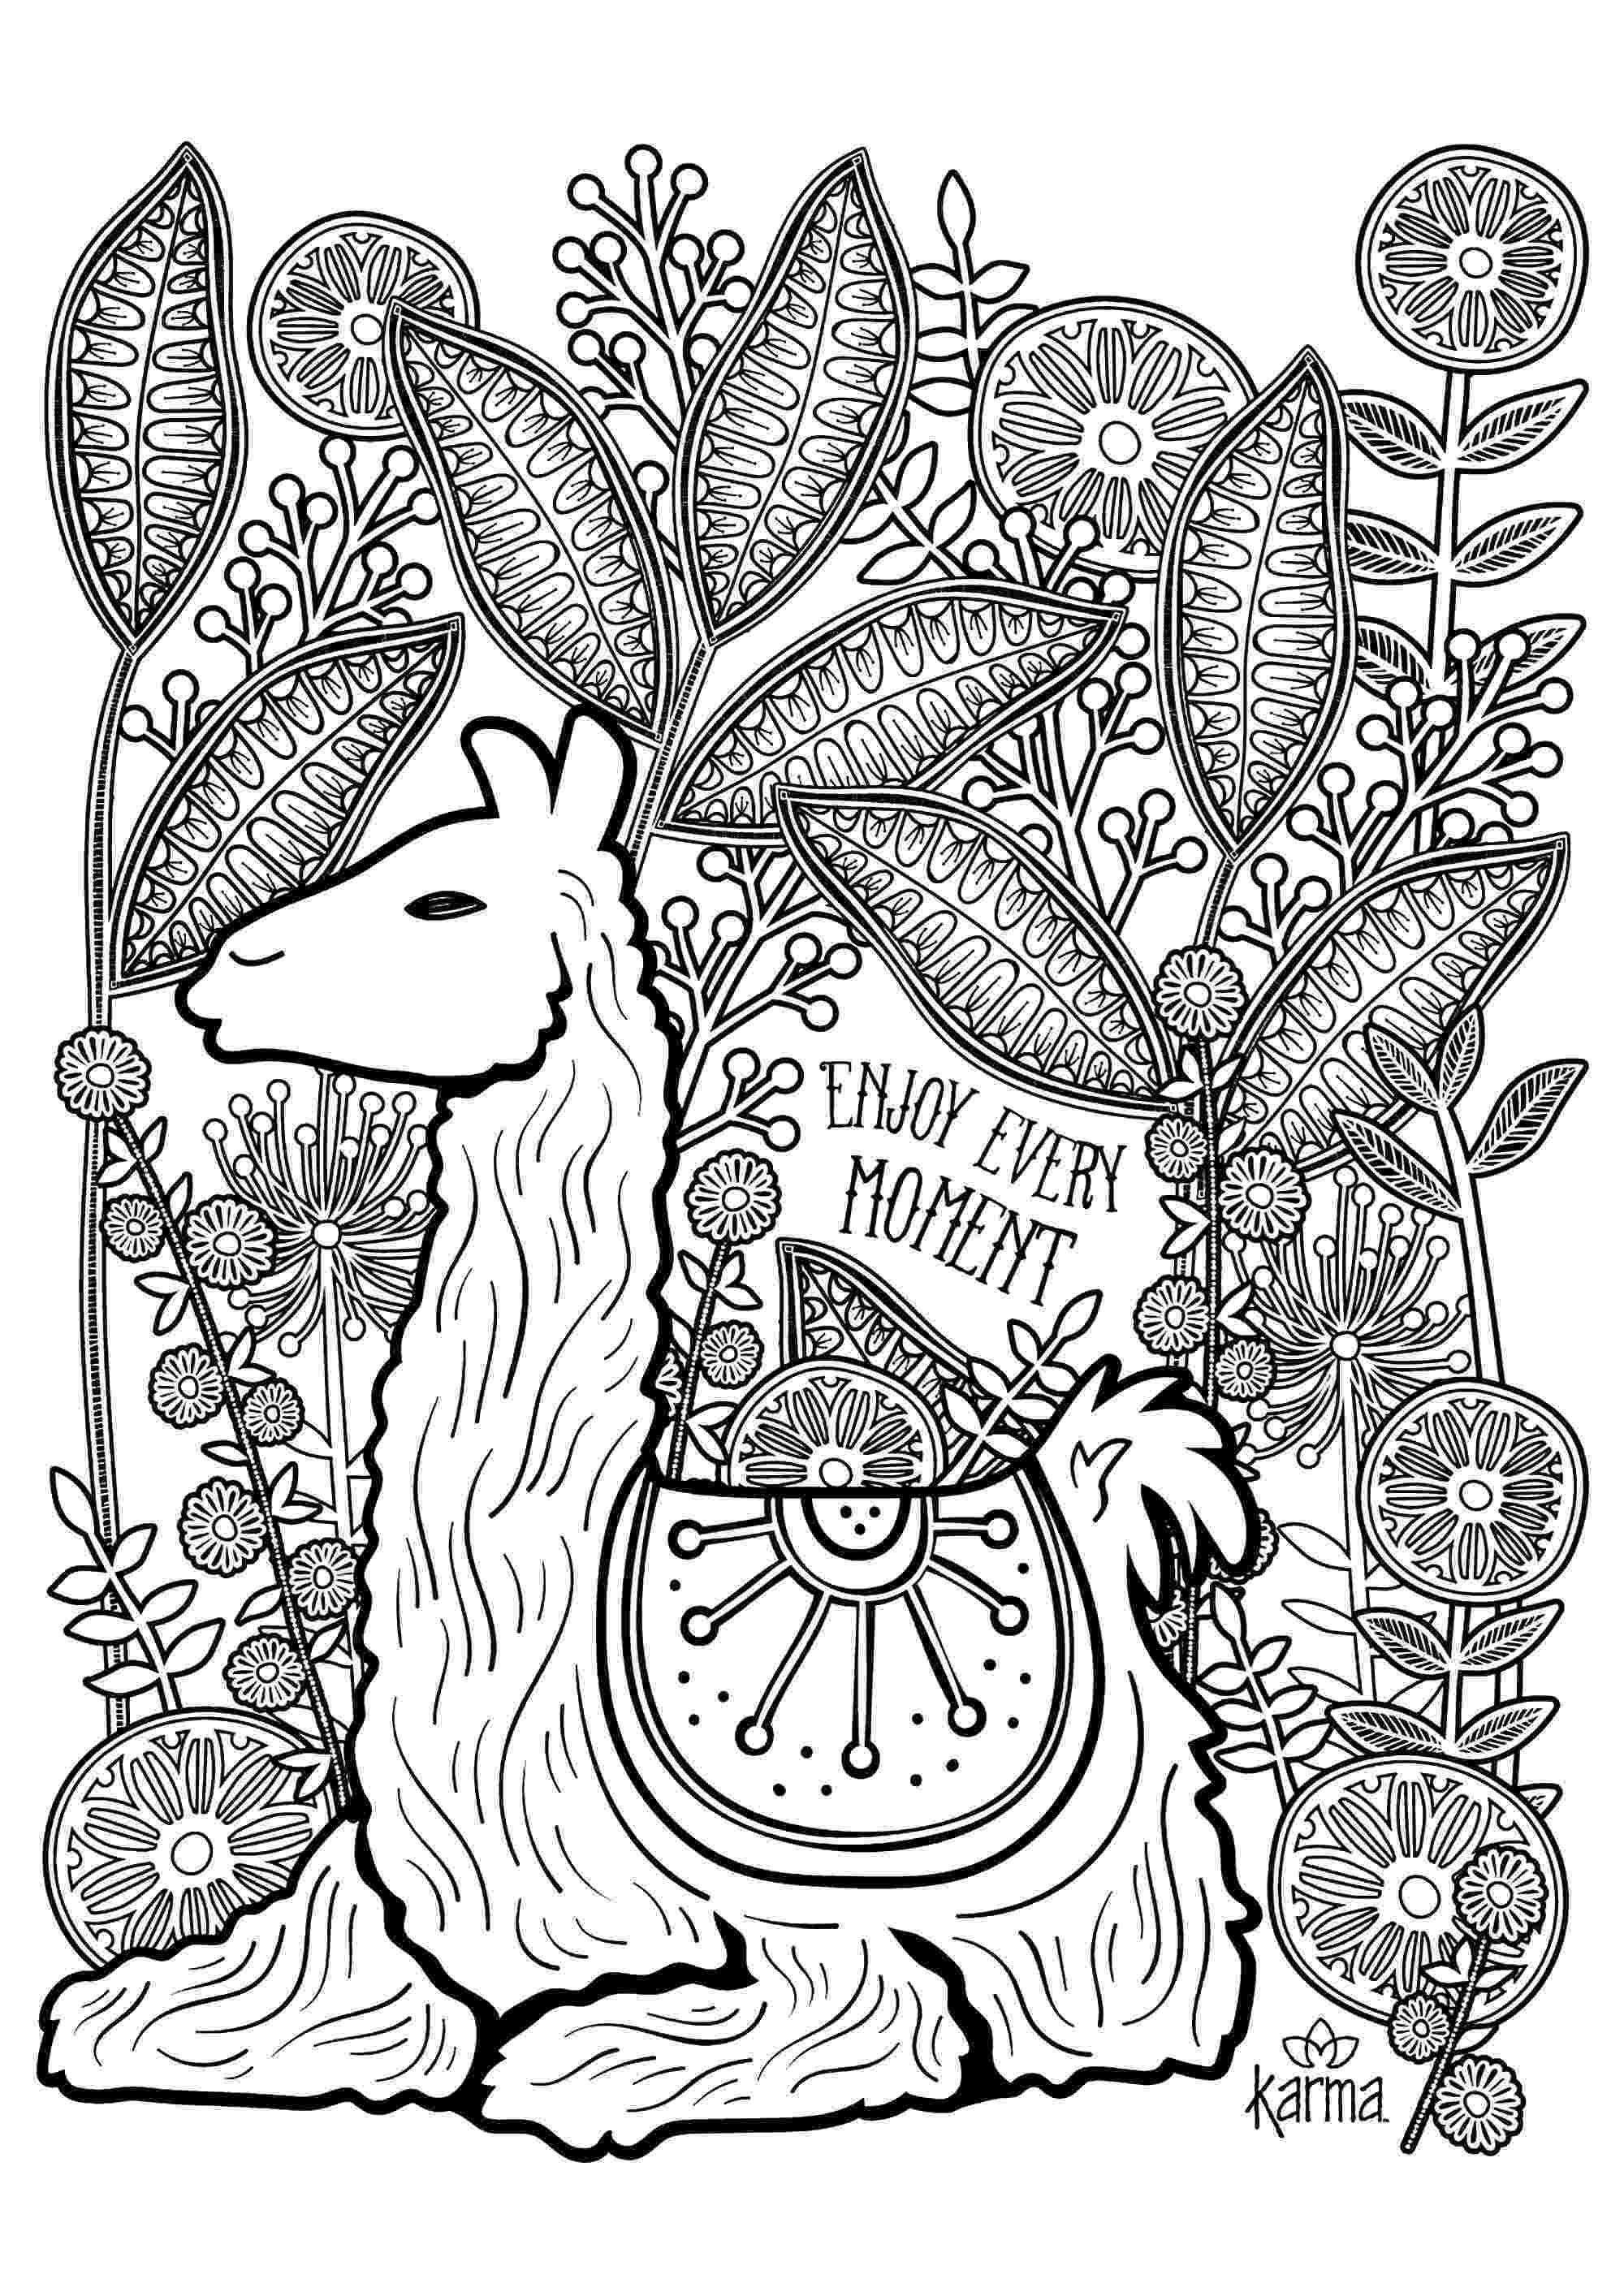 llama coloring pages llama enjoy every moment llamas adult coloring pages llama pages coloring